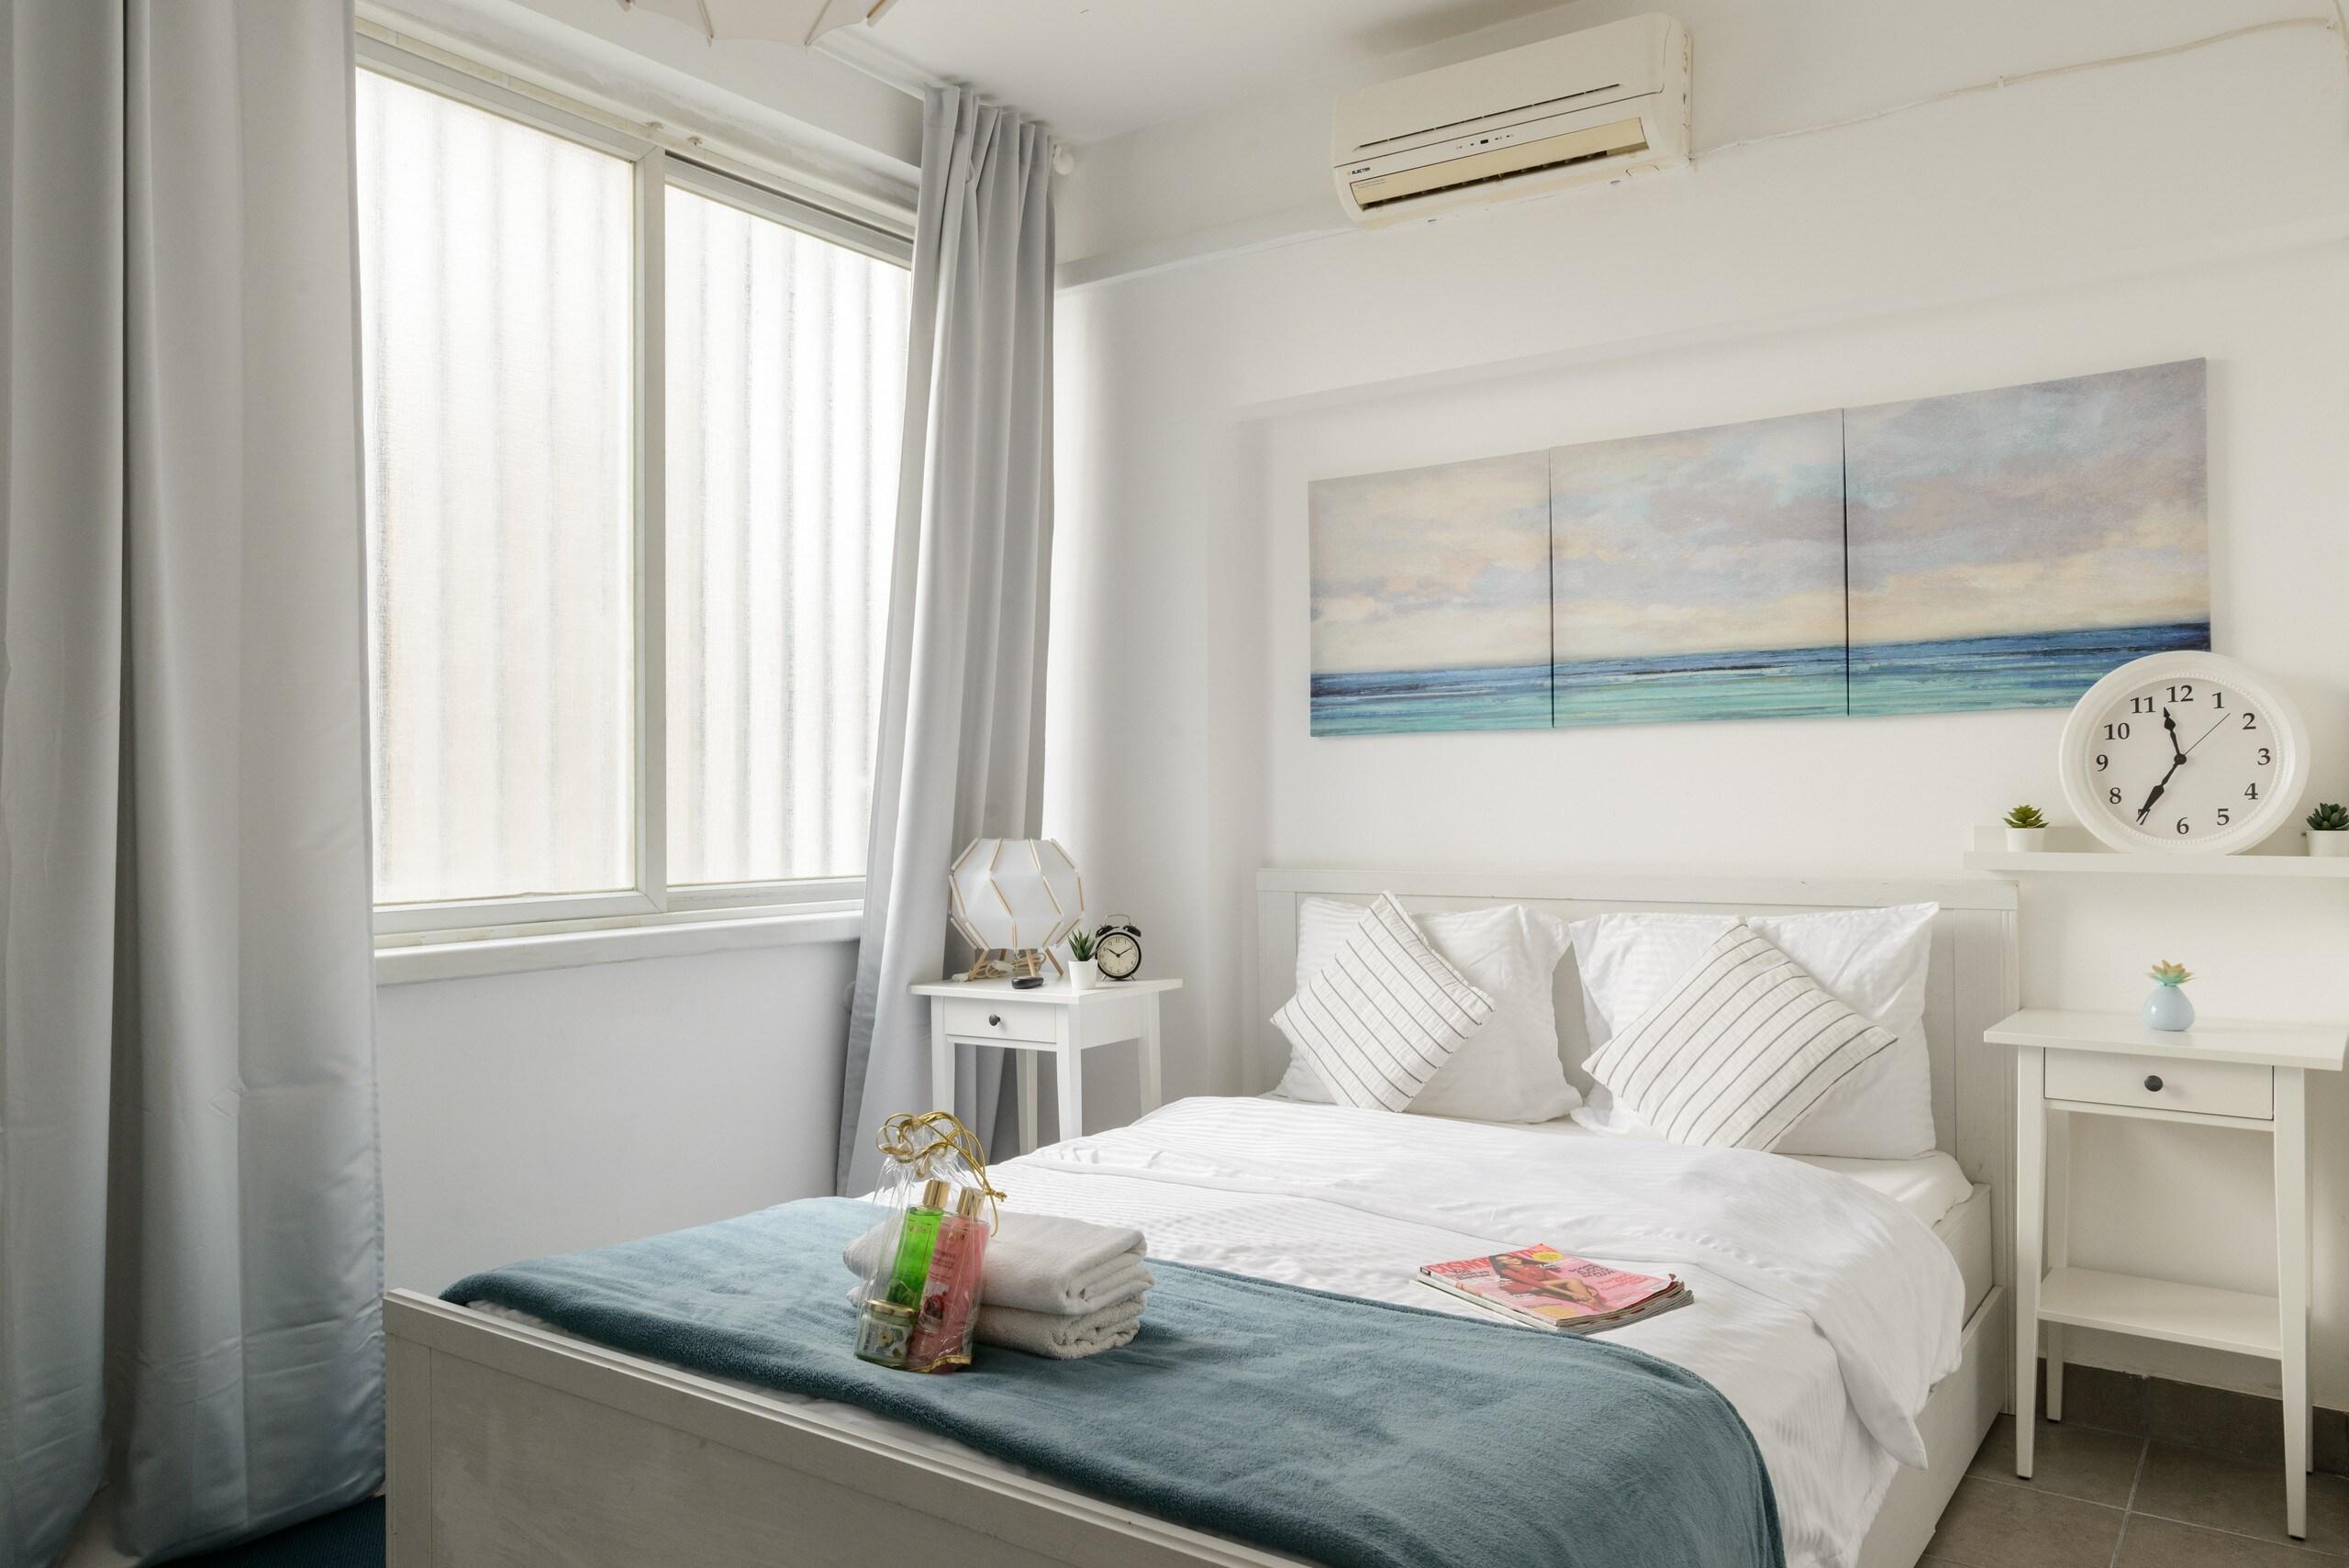 Apartment Sea View 2 bedroom apartment next to Hilton beach photo 21105517